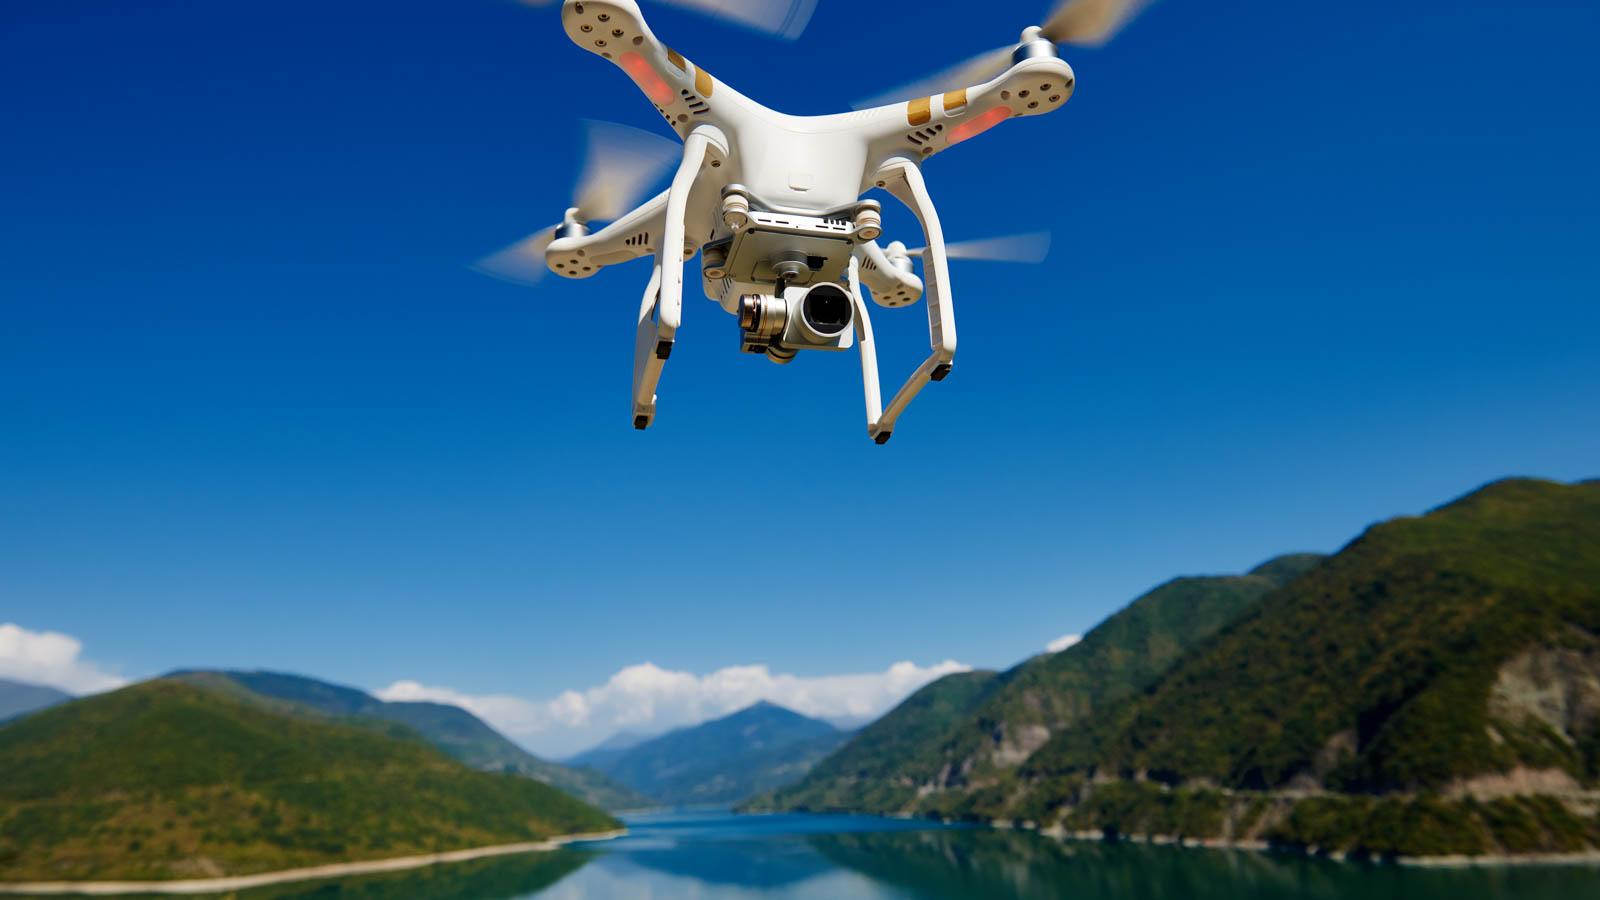 20201211_ drone_1600-7